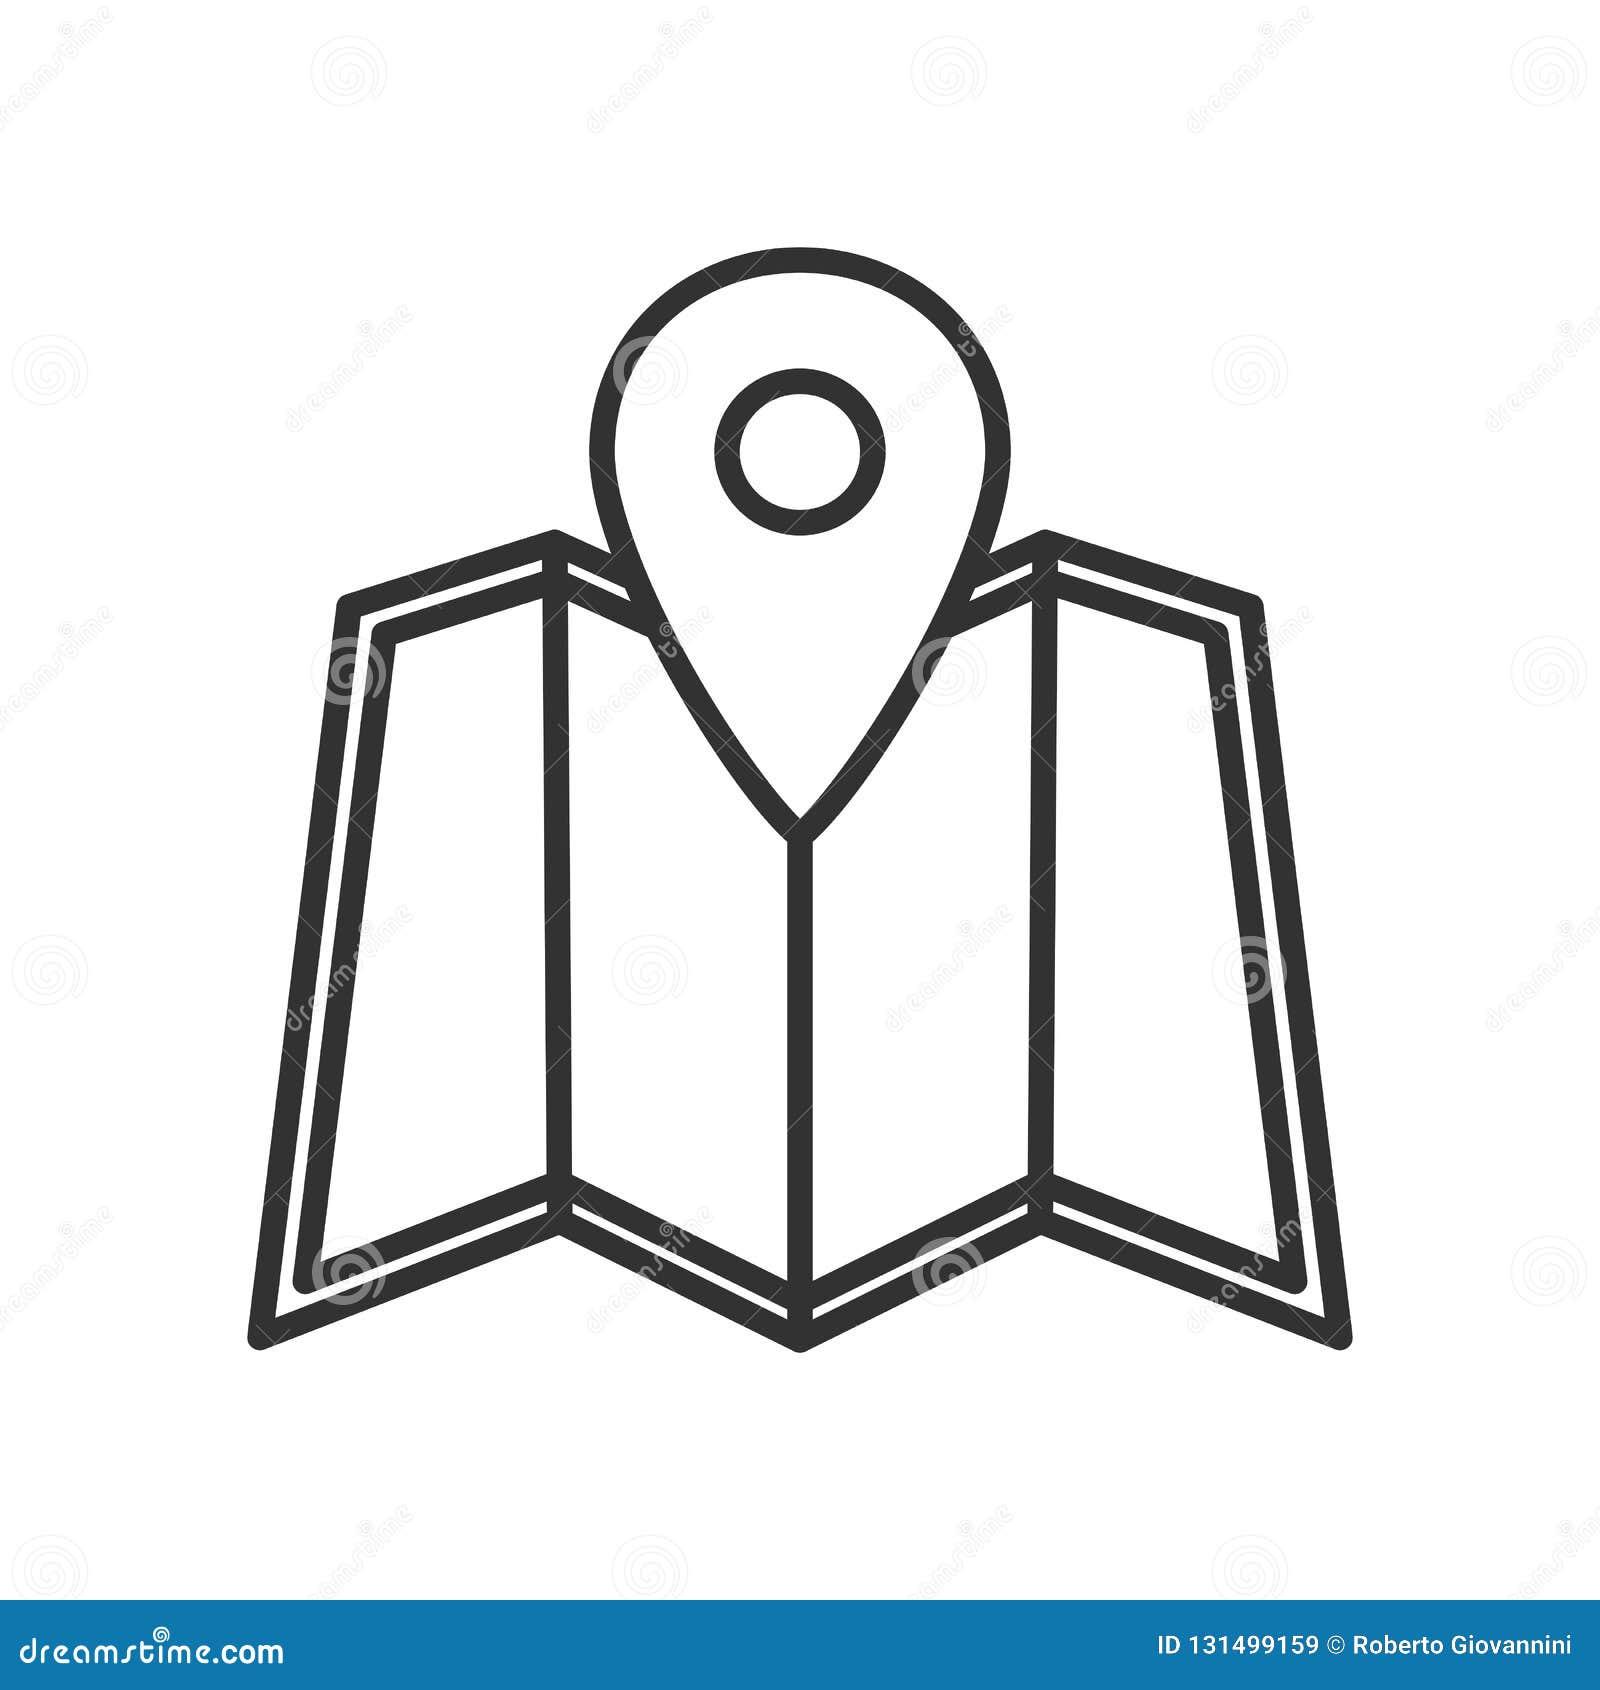 Översikt och plan symbol för lägemarköröversikt